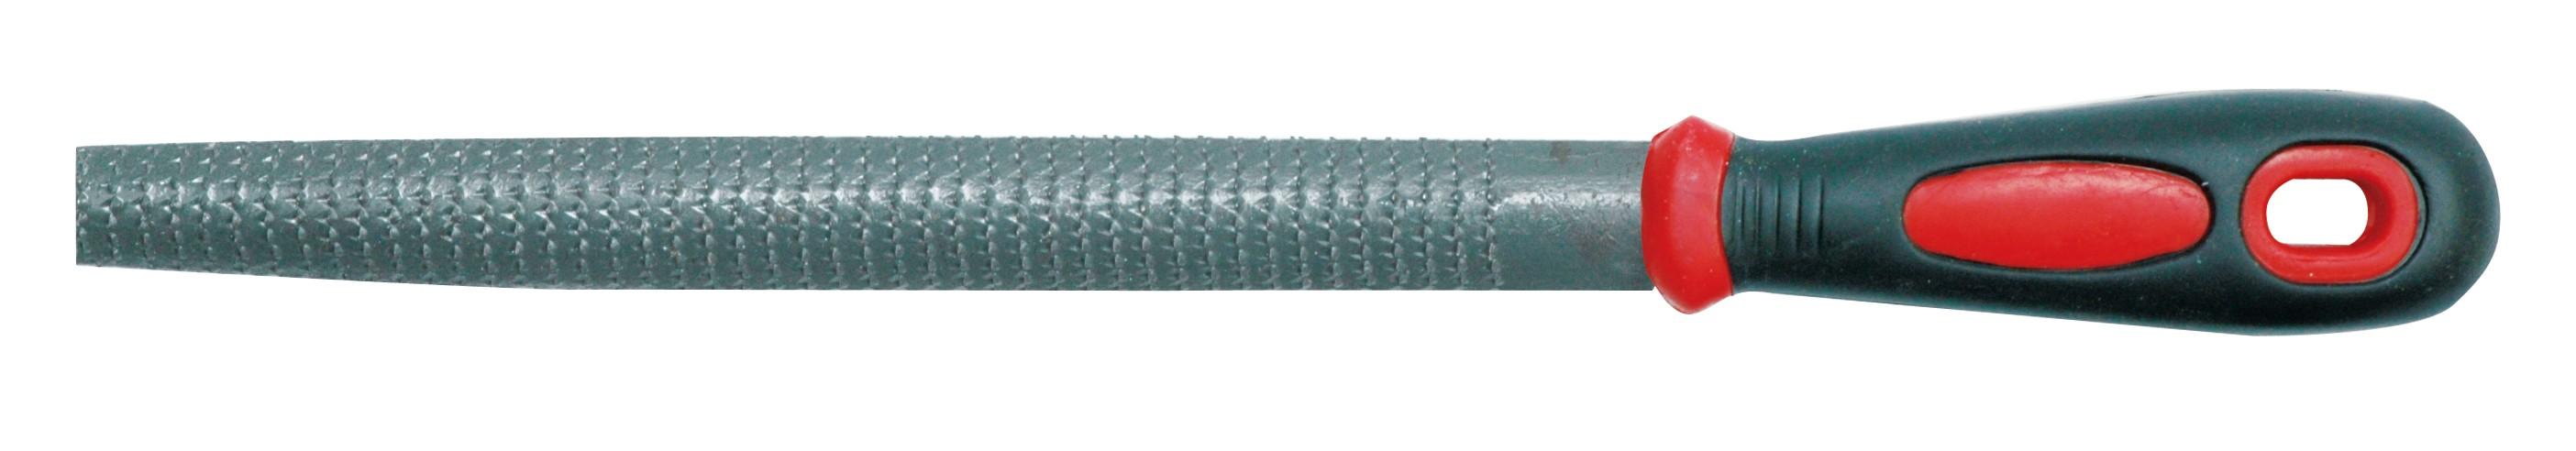 Pilník na dřevo půlkulatý 200 mm